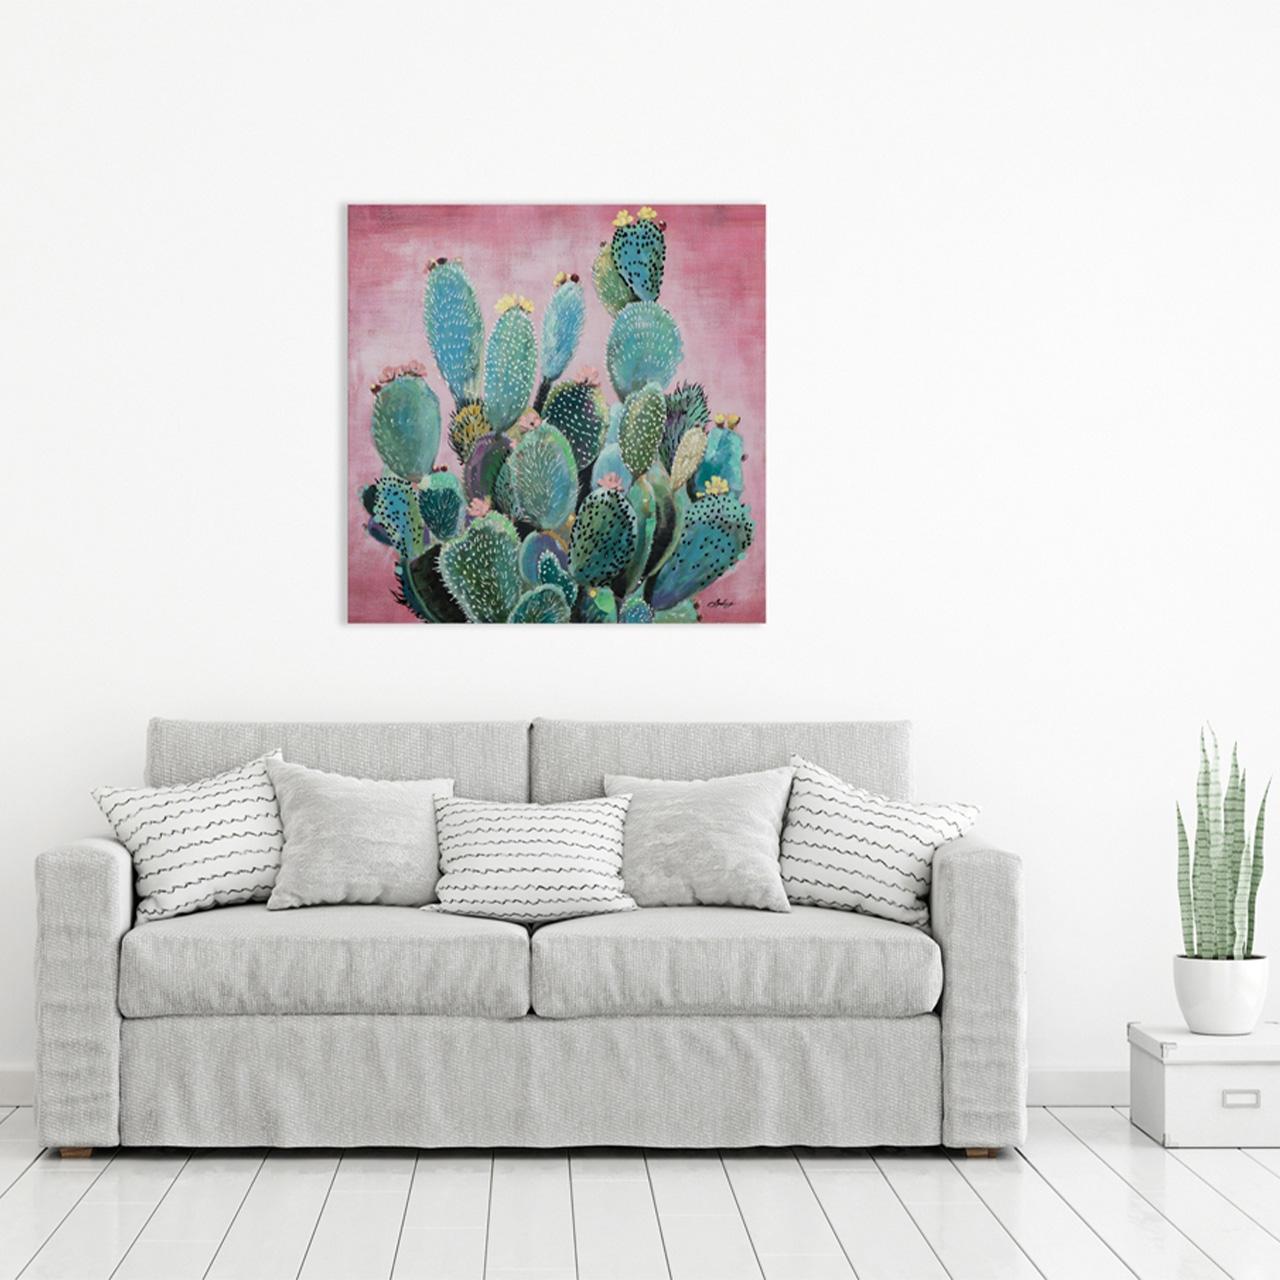 Imageland Bild Grüne Kakteen vor rosa Hintergrund